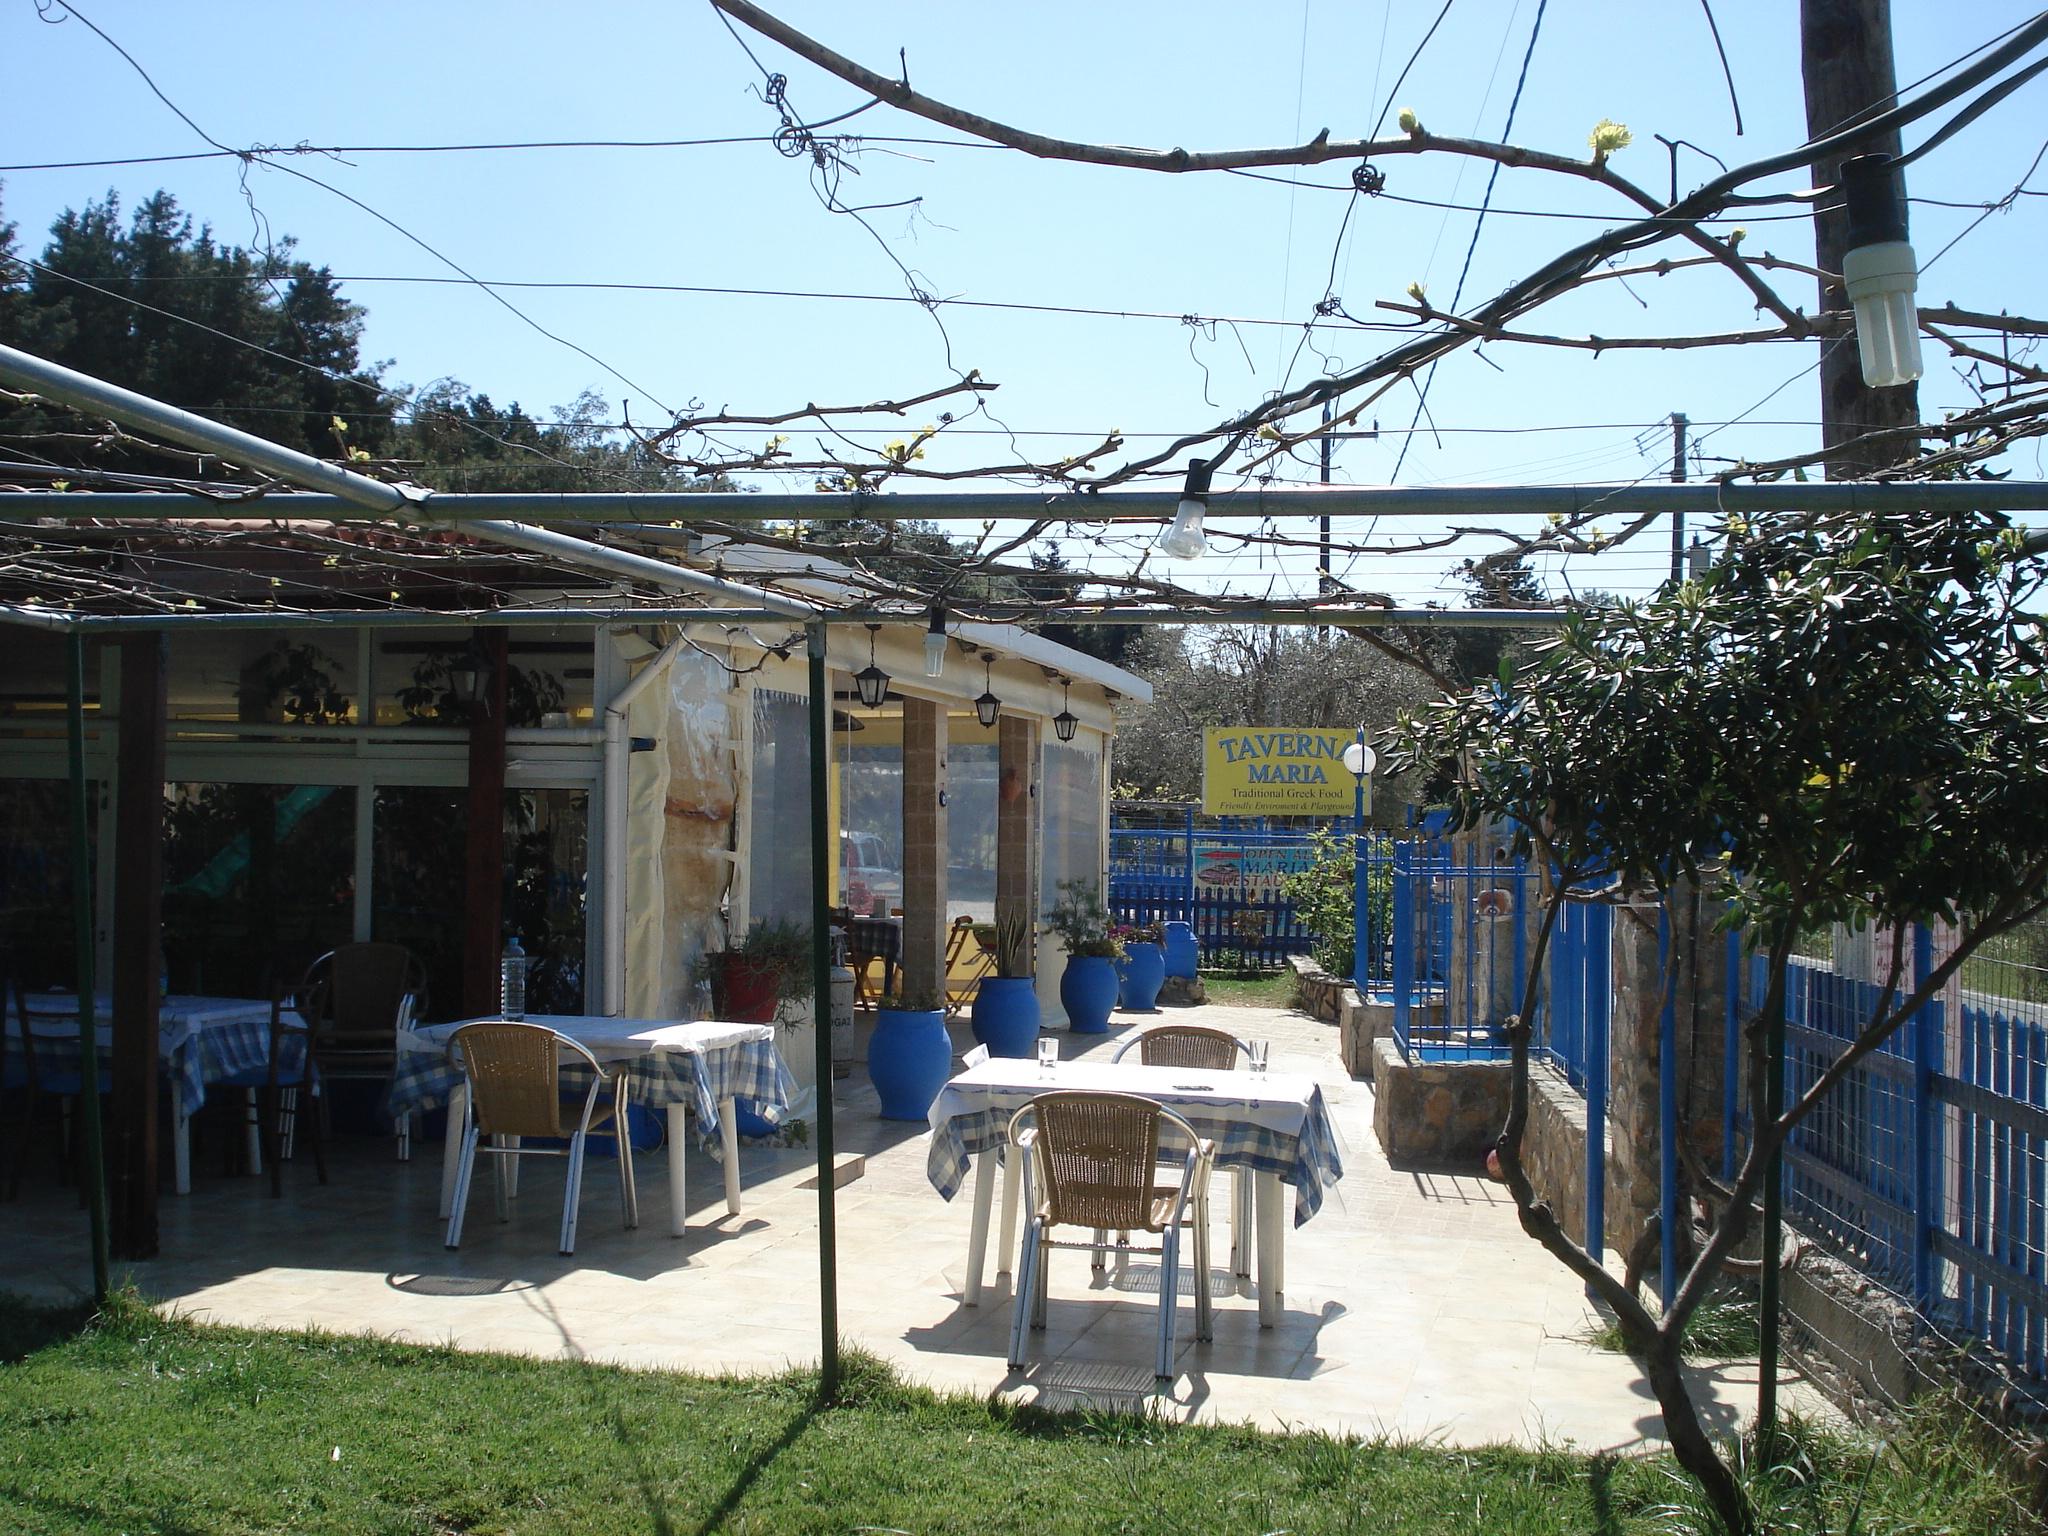 Taverna Kirei Maria. Vorbim engleza, germana, franceza italiana. Multumim in suedeza.